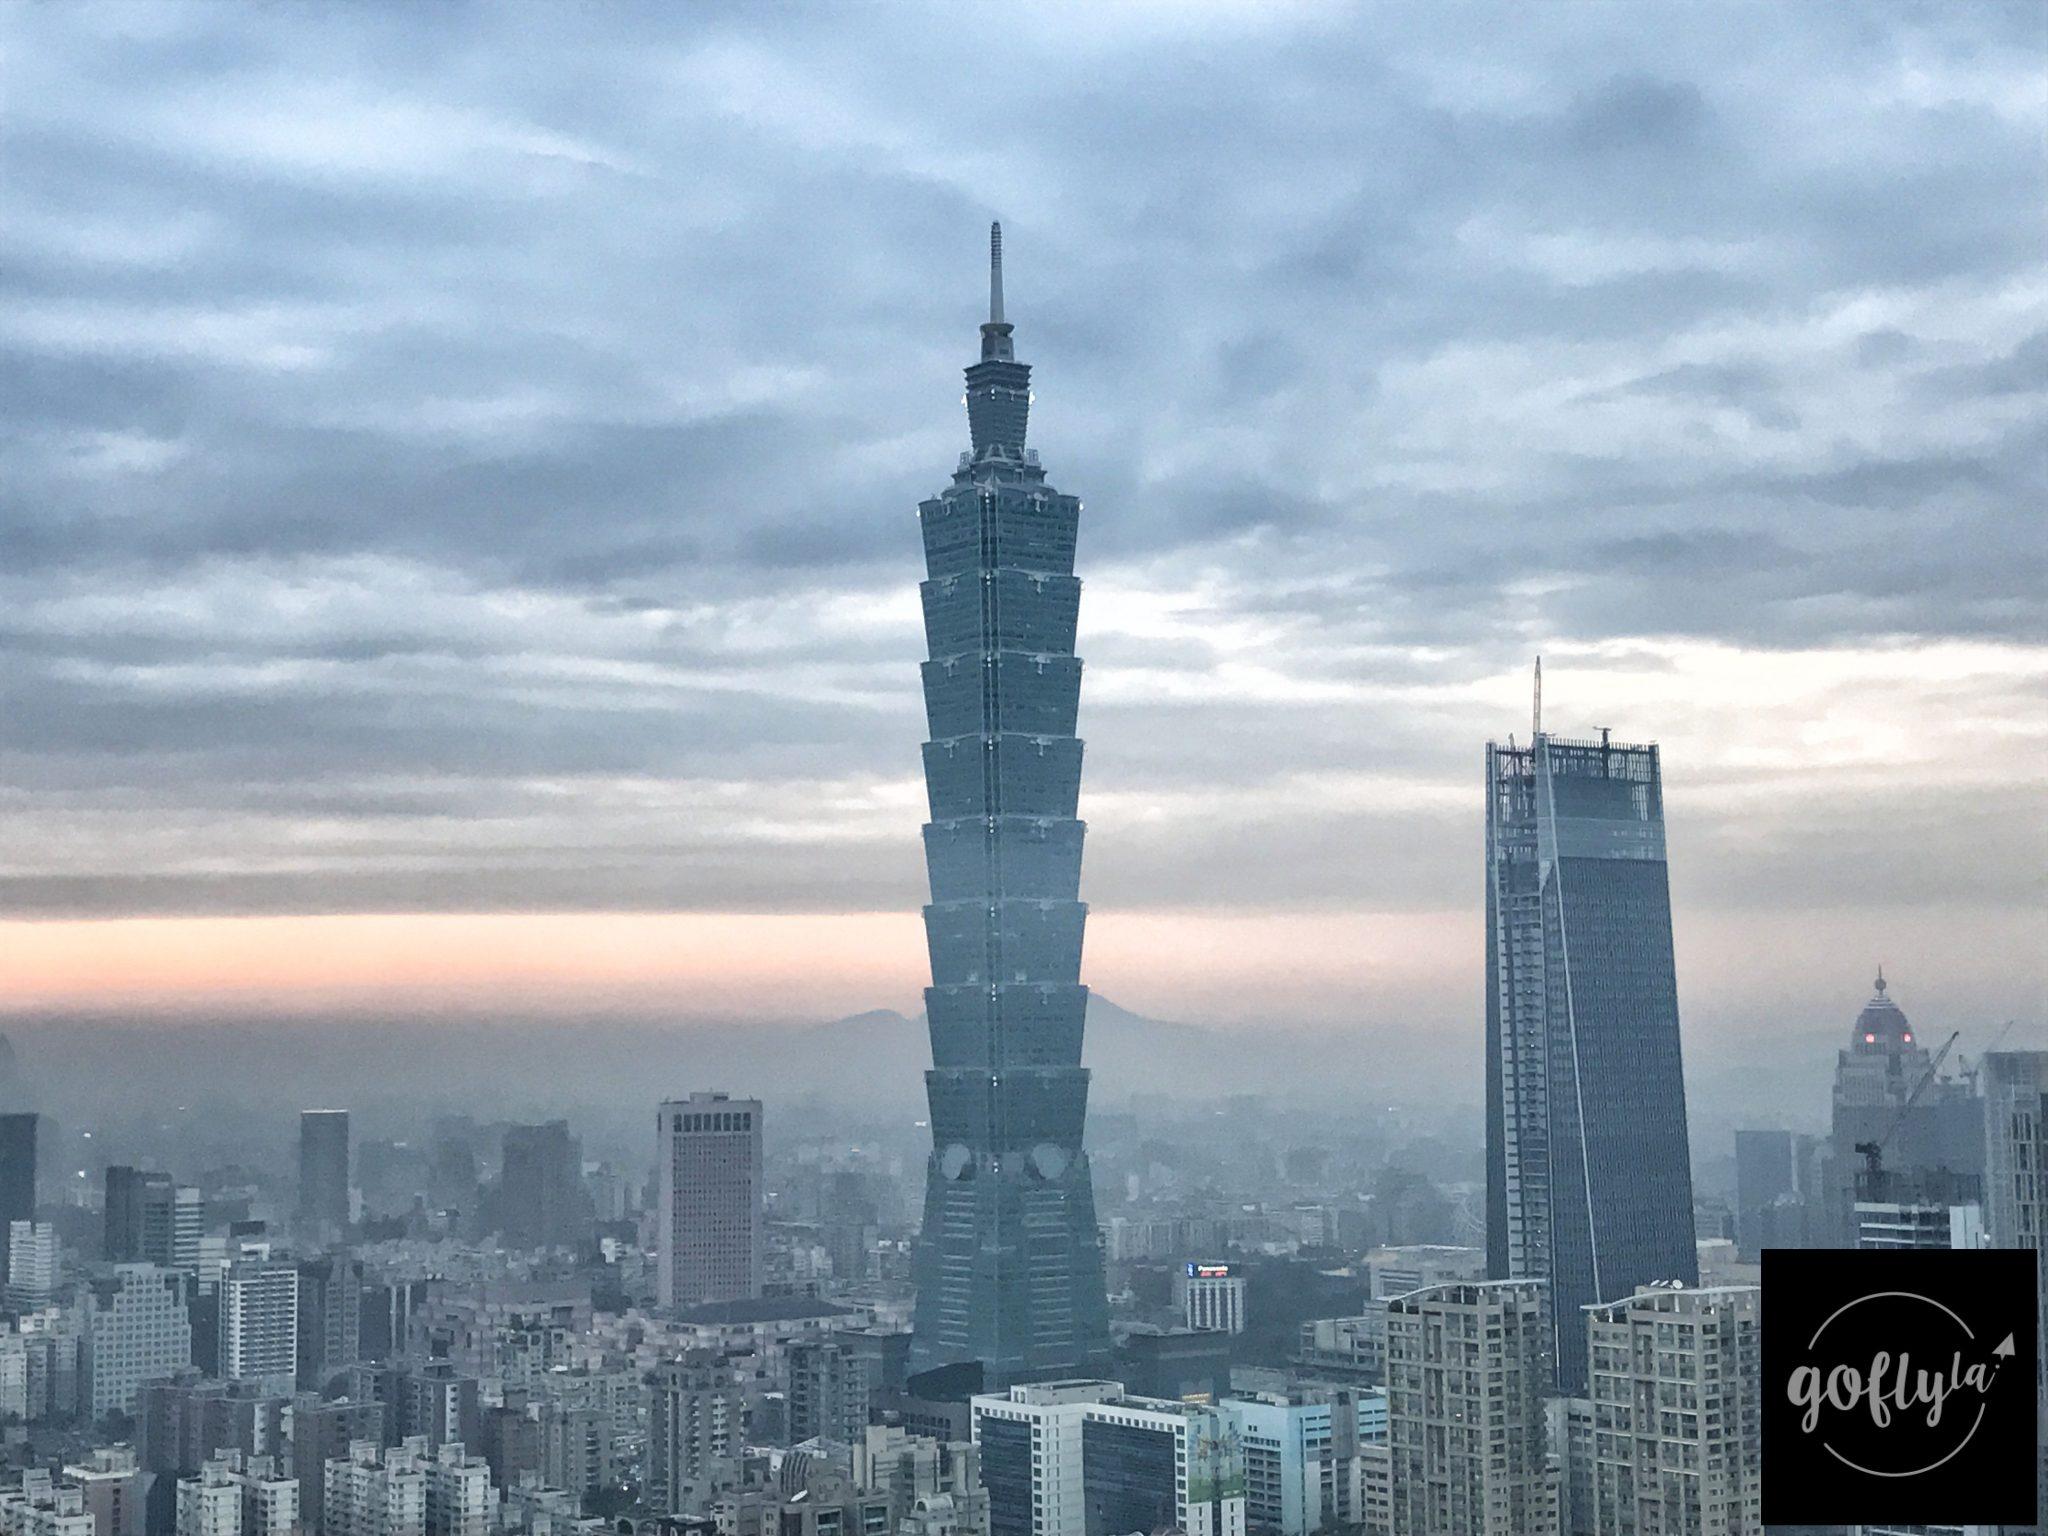 台北自由行-台北好去處-台北住宿-台灣自由行-機加酒-密雲滿佈,好彩冇落雨